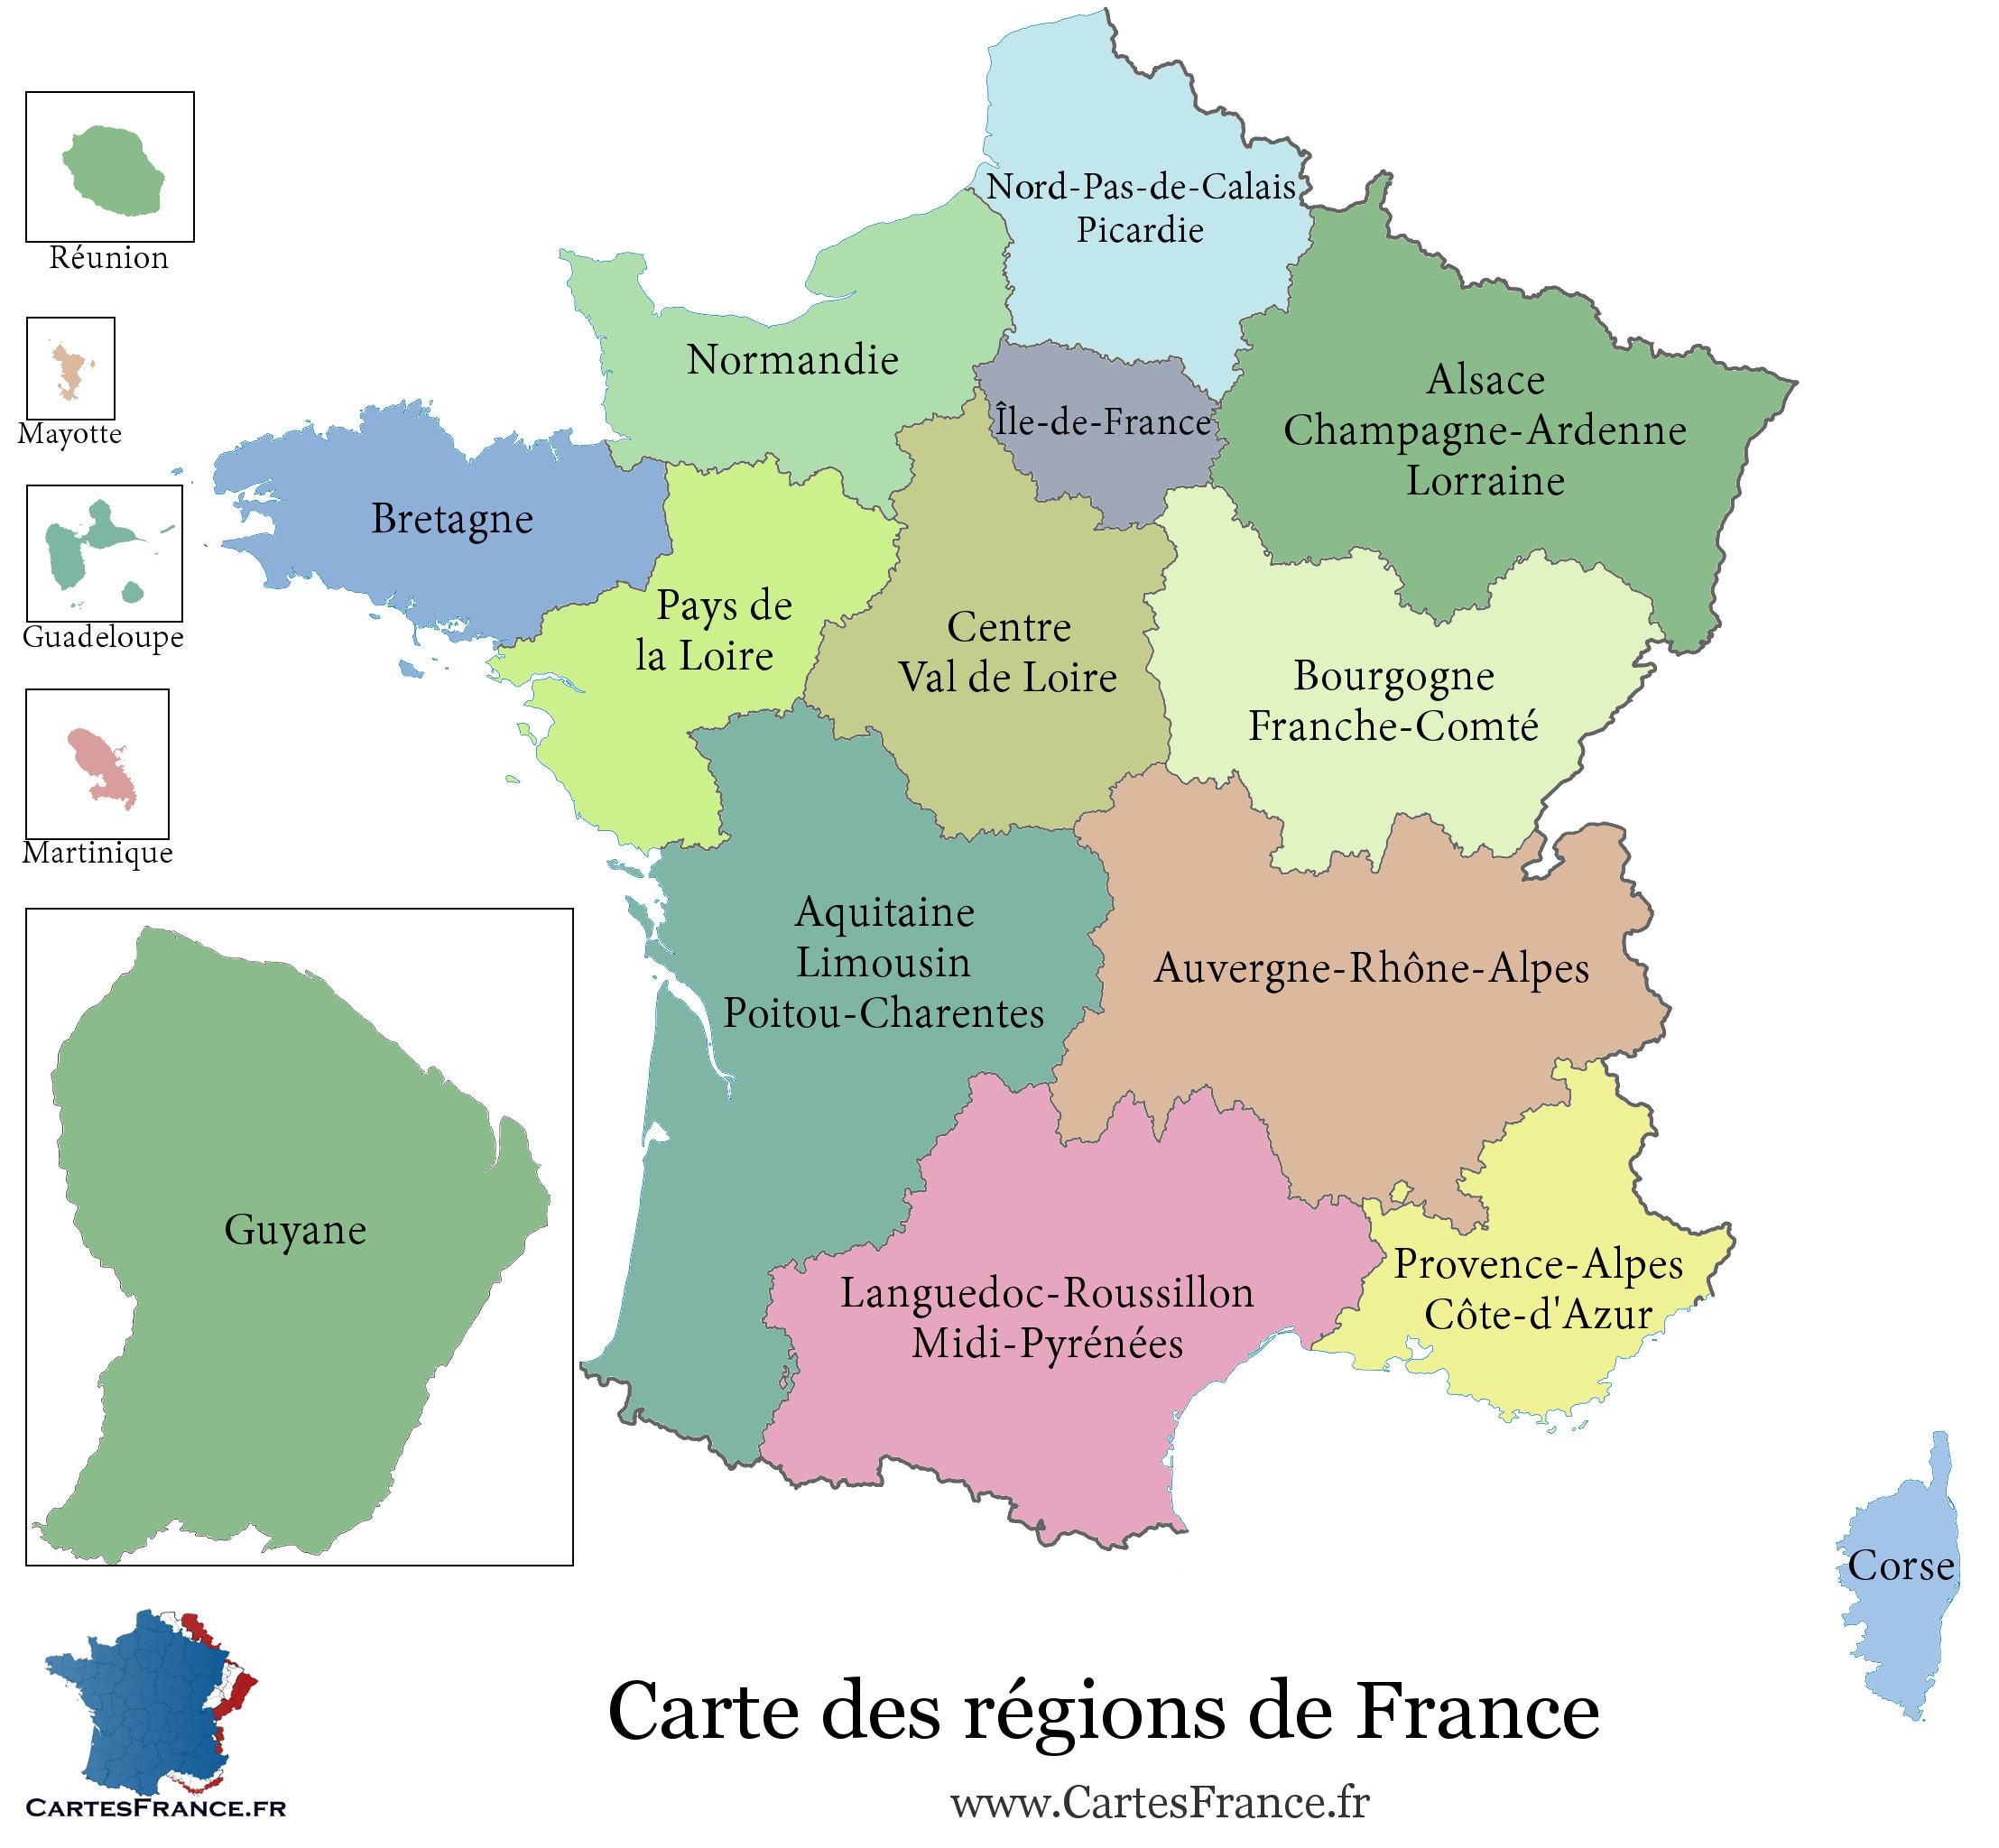 Carte De France Region - Carte Des Régions Françaises concernant Le Nouveau Découpage Des Régions